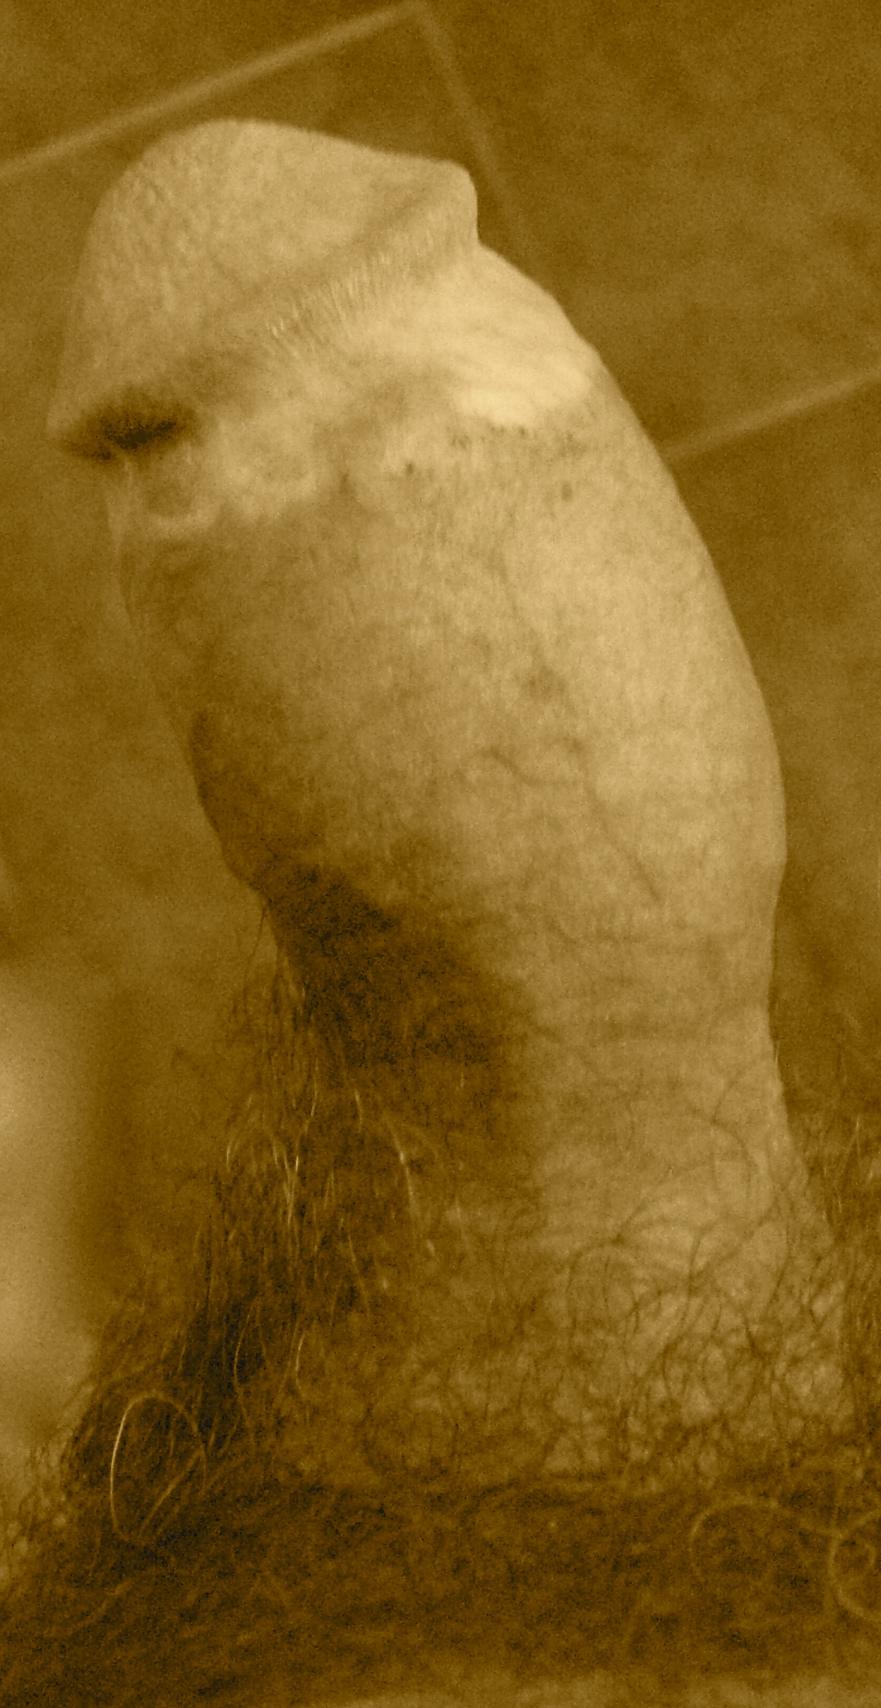 Lapeyronie : pénis courbé en sablier